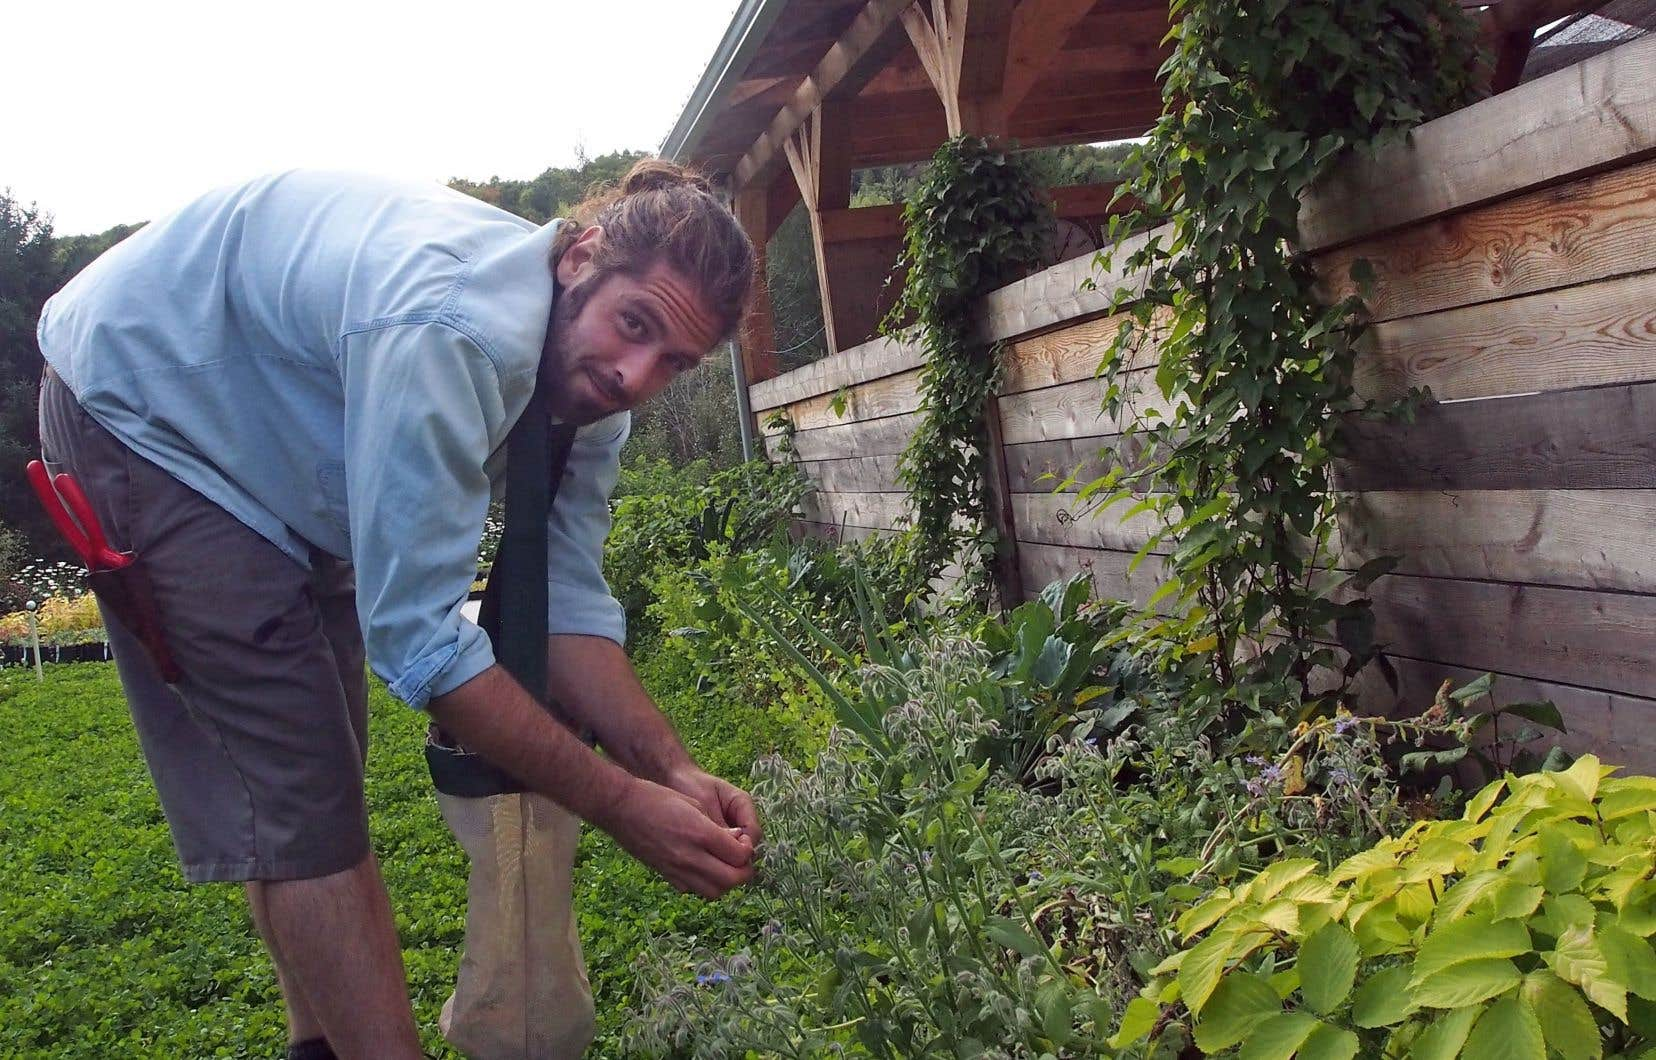 Doit-on préparer ou fermer son jardin à l\'automne? | Le Devoir